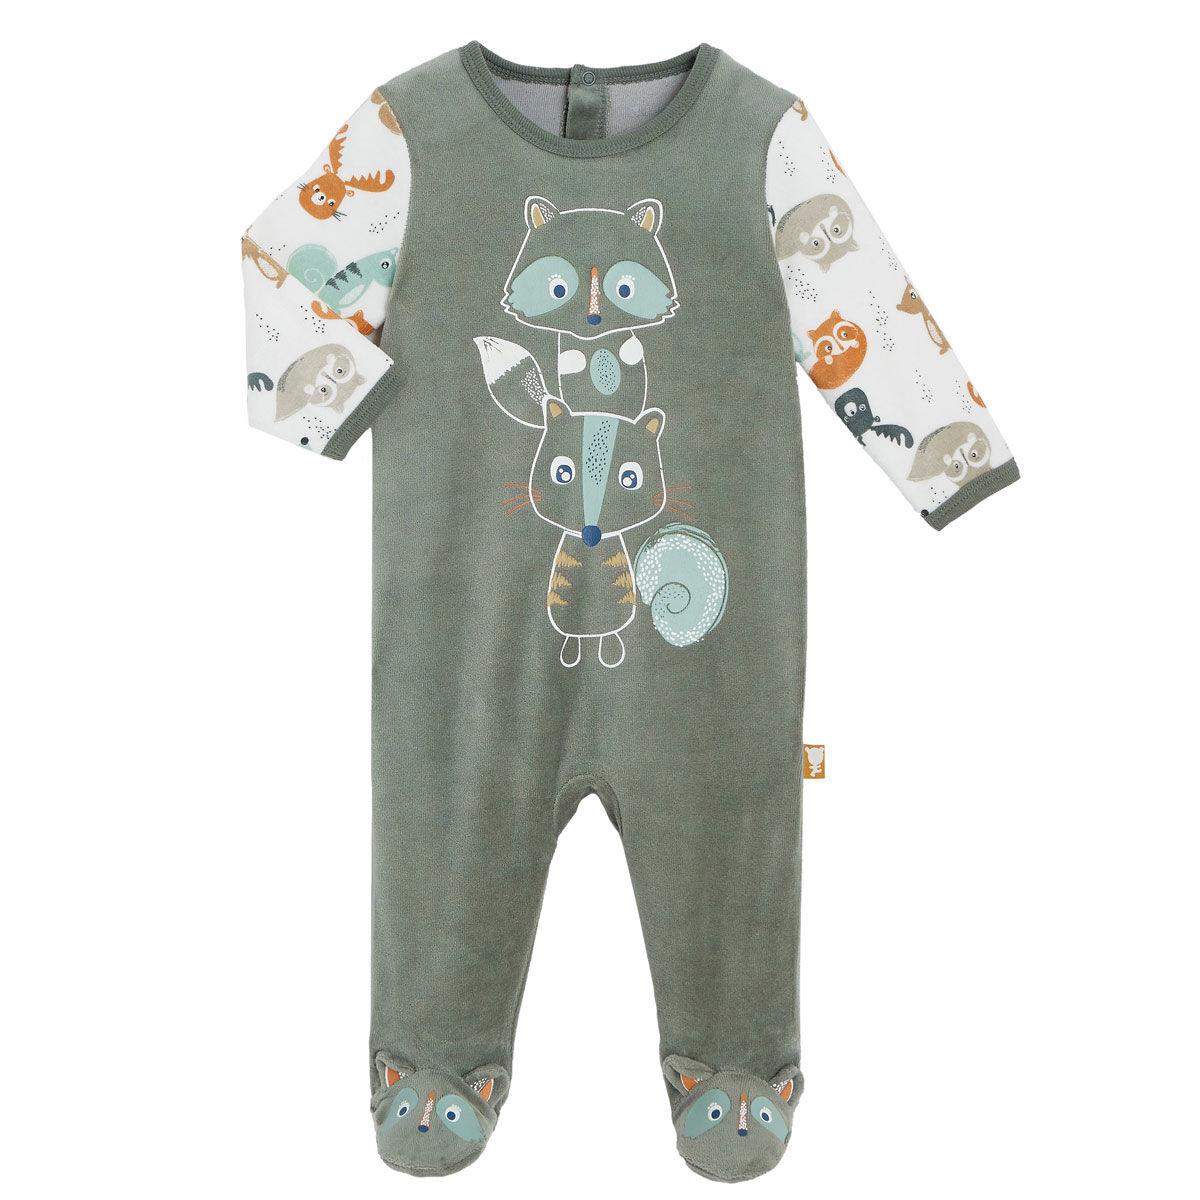 Petit Béguin Pyjama bébé en velours contenant du coton bio Noisette - Taille - 3 mois